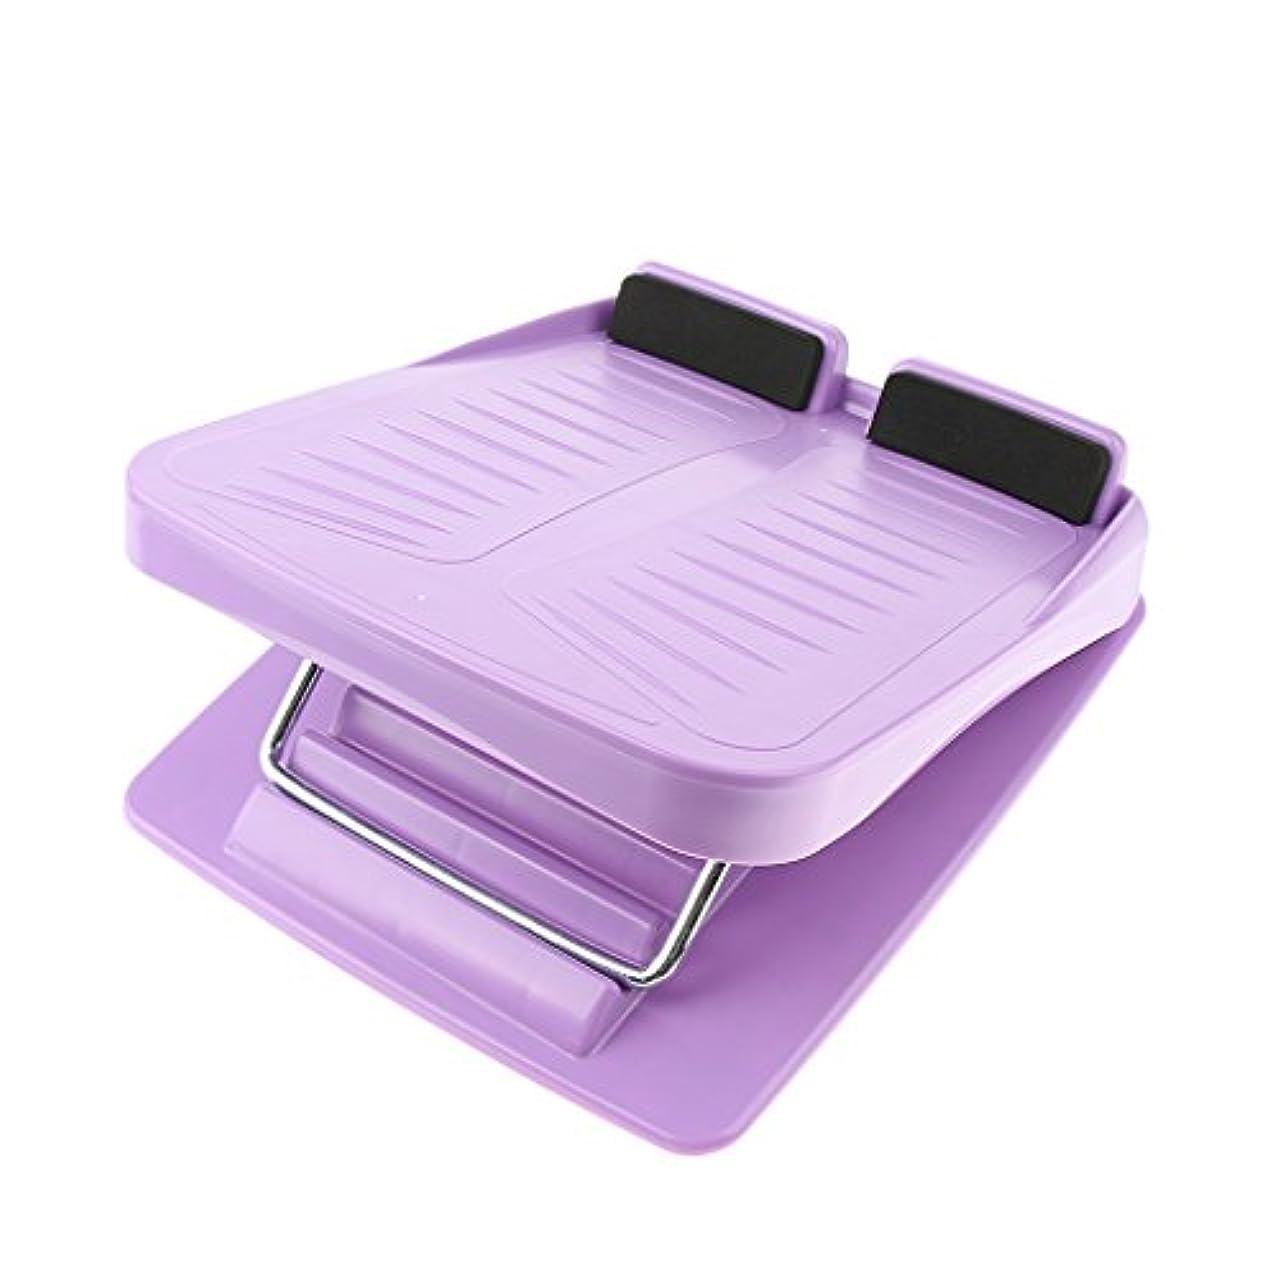 干渉するセントアルコーブストレッチボード ストレッチ台 調整可能 アンチスリップ カーフストレッチ 斜面ボード 全3色 - 紫の